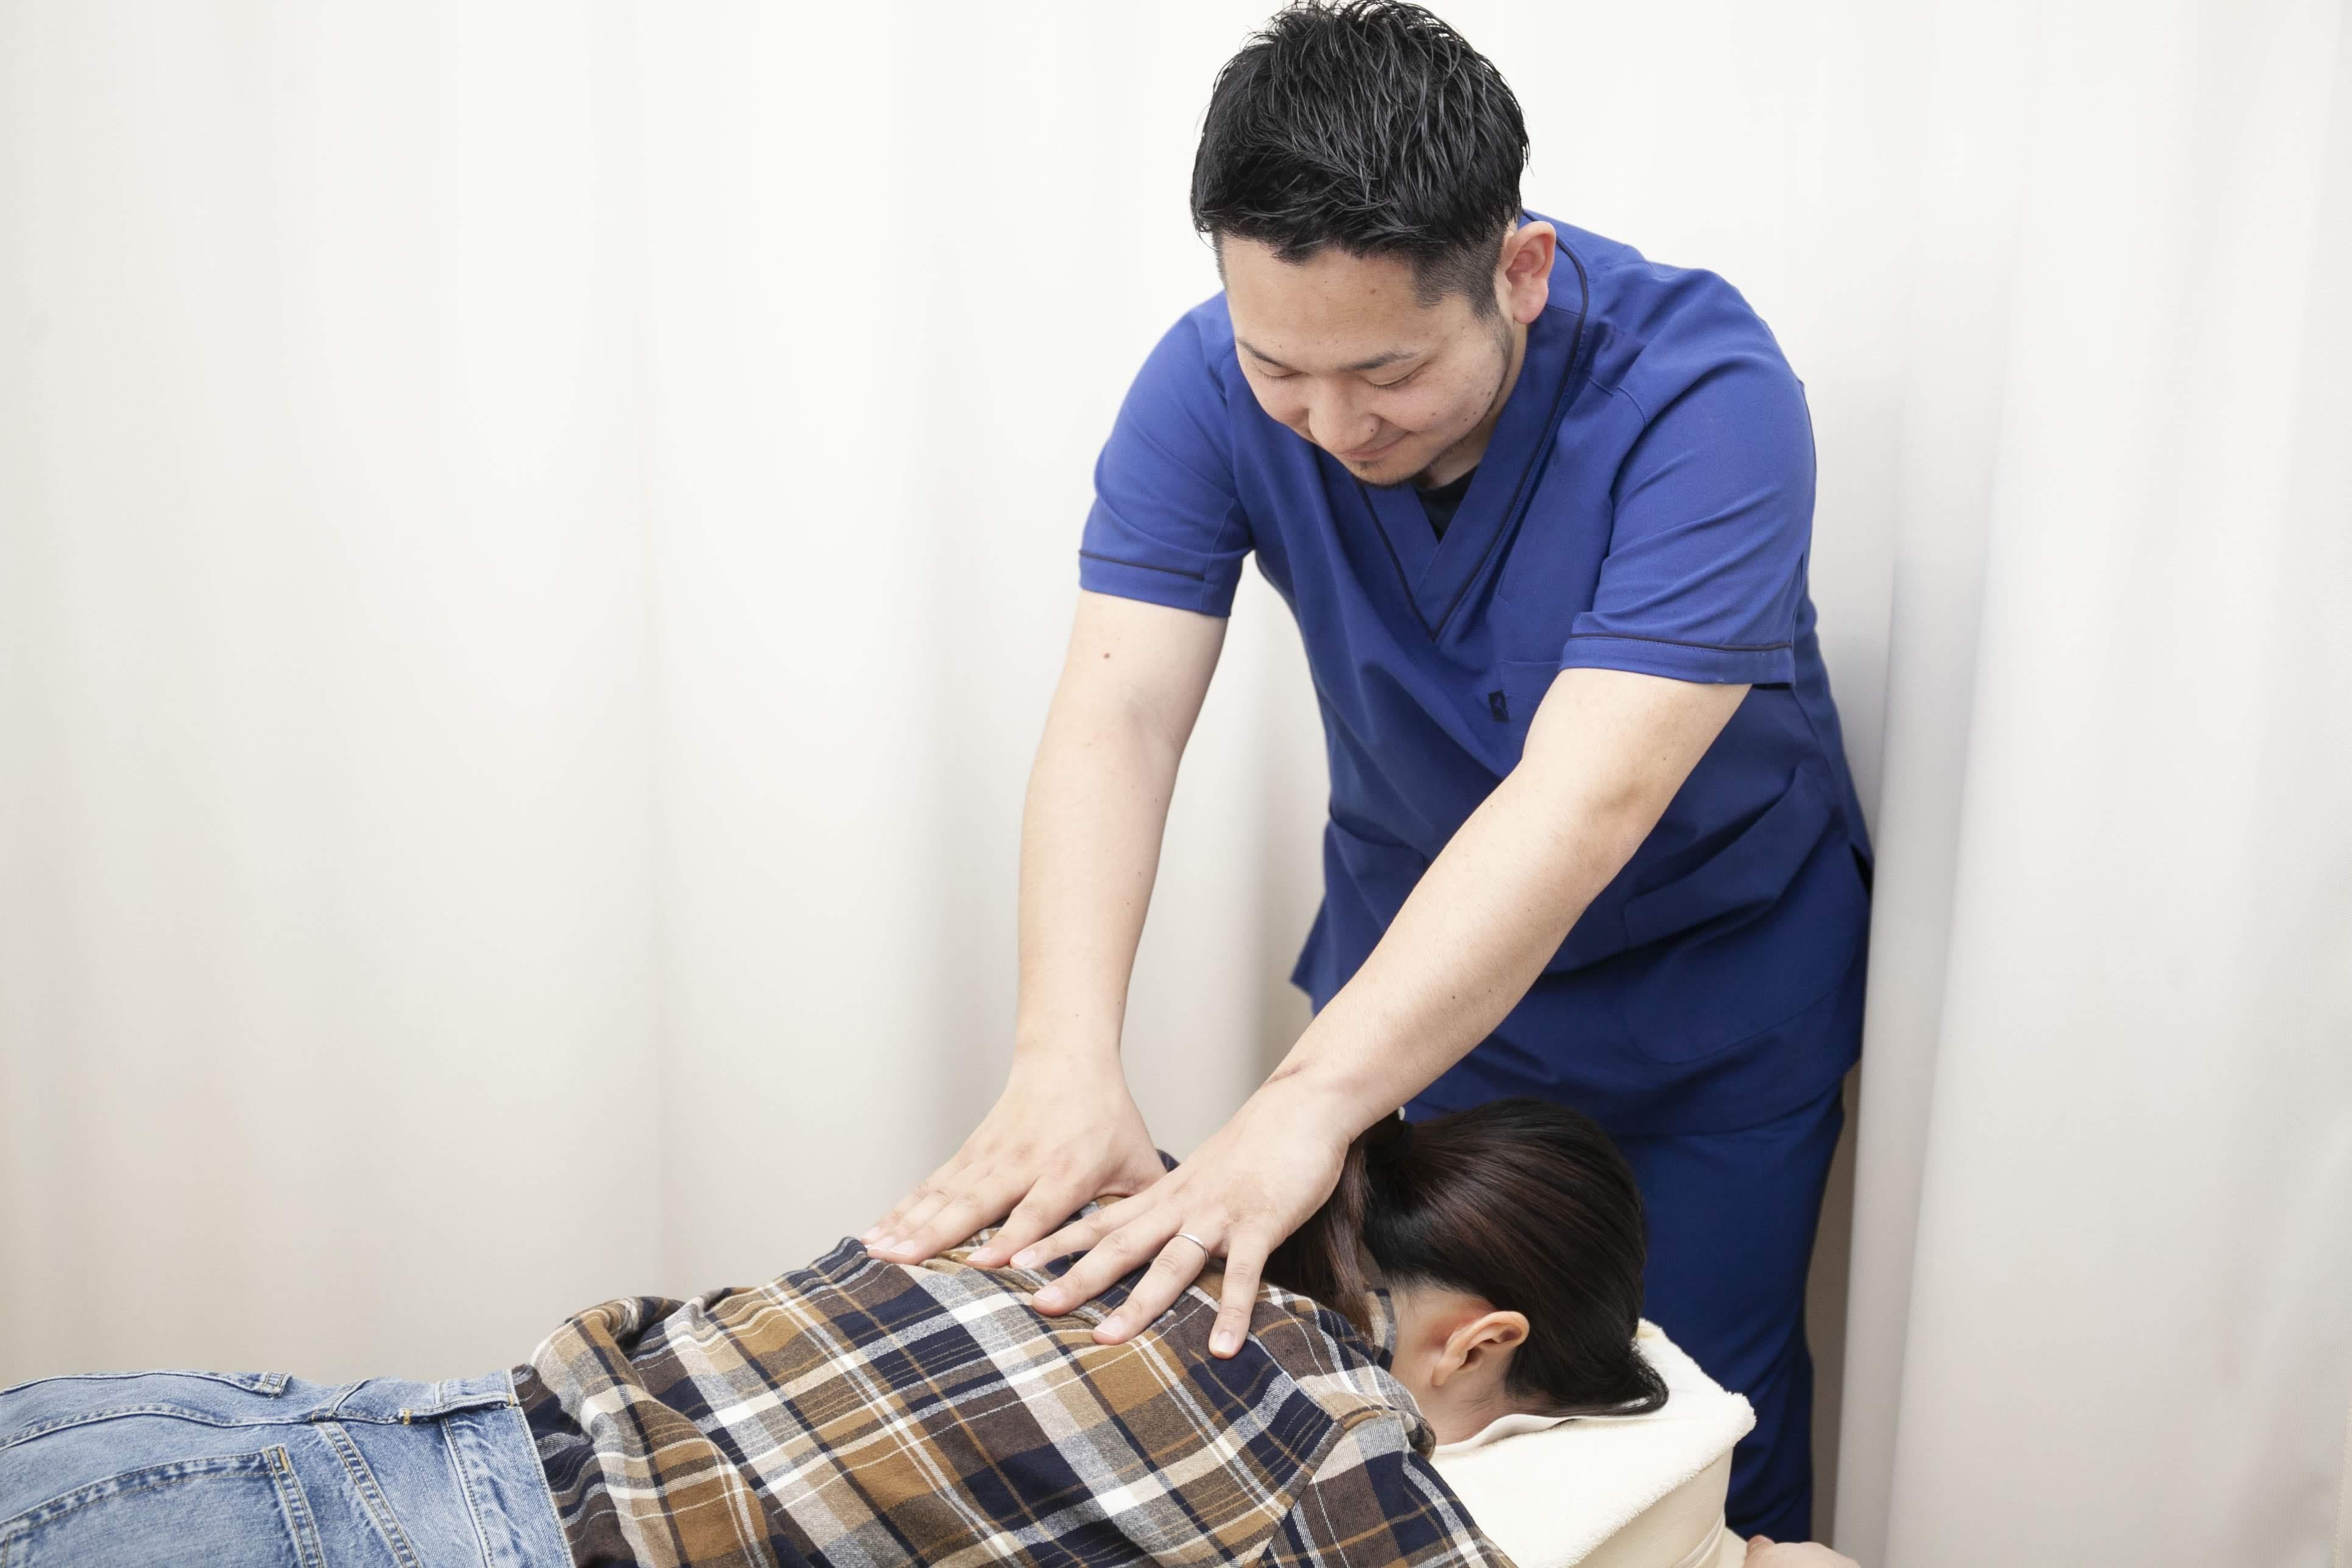 交通事故による怪我に対する施術実績多数!